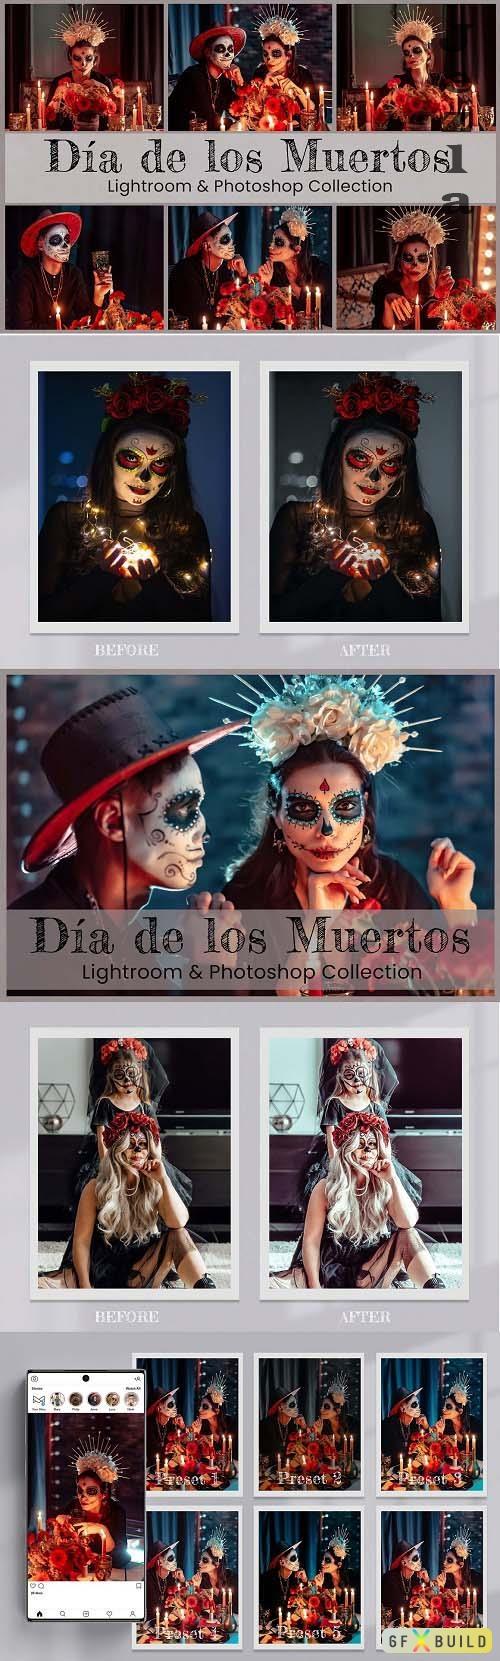 Dia de Los Muertos Lightroom PS LUTs - 6525741